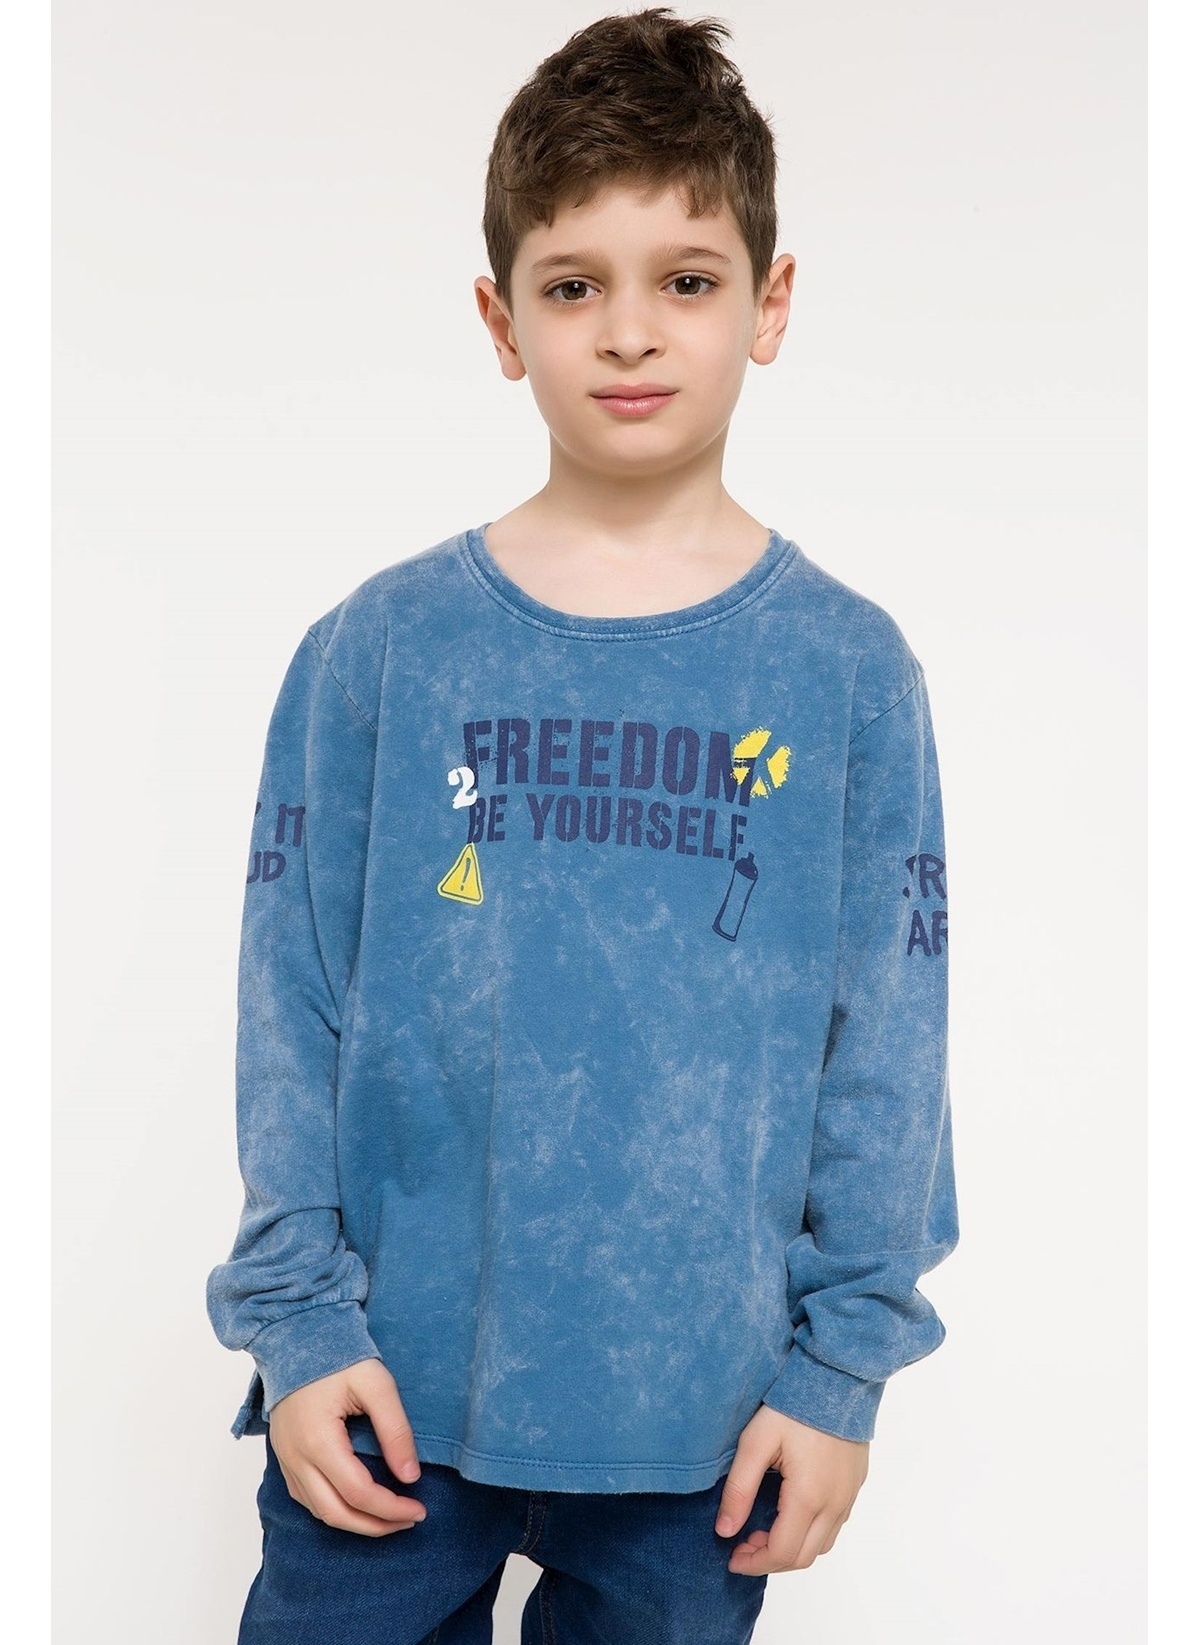 Defacto Yazı Baskılı Sweatshirt I3610a618spbe493 Yazı Baskılı Sweatshirt – 29.99 TL